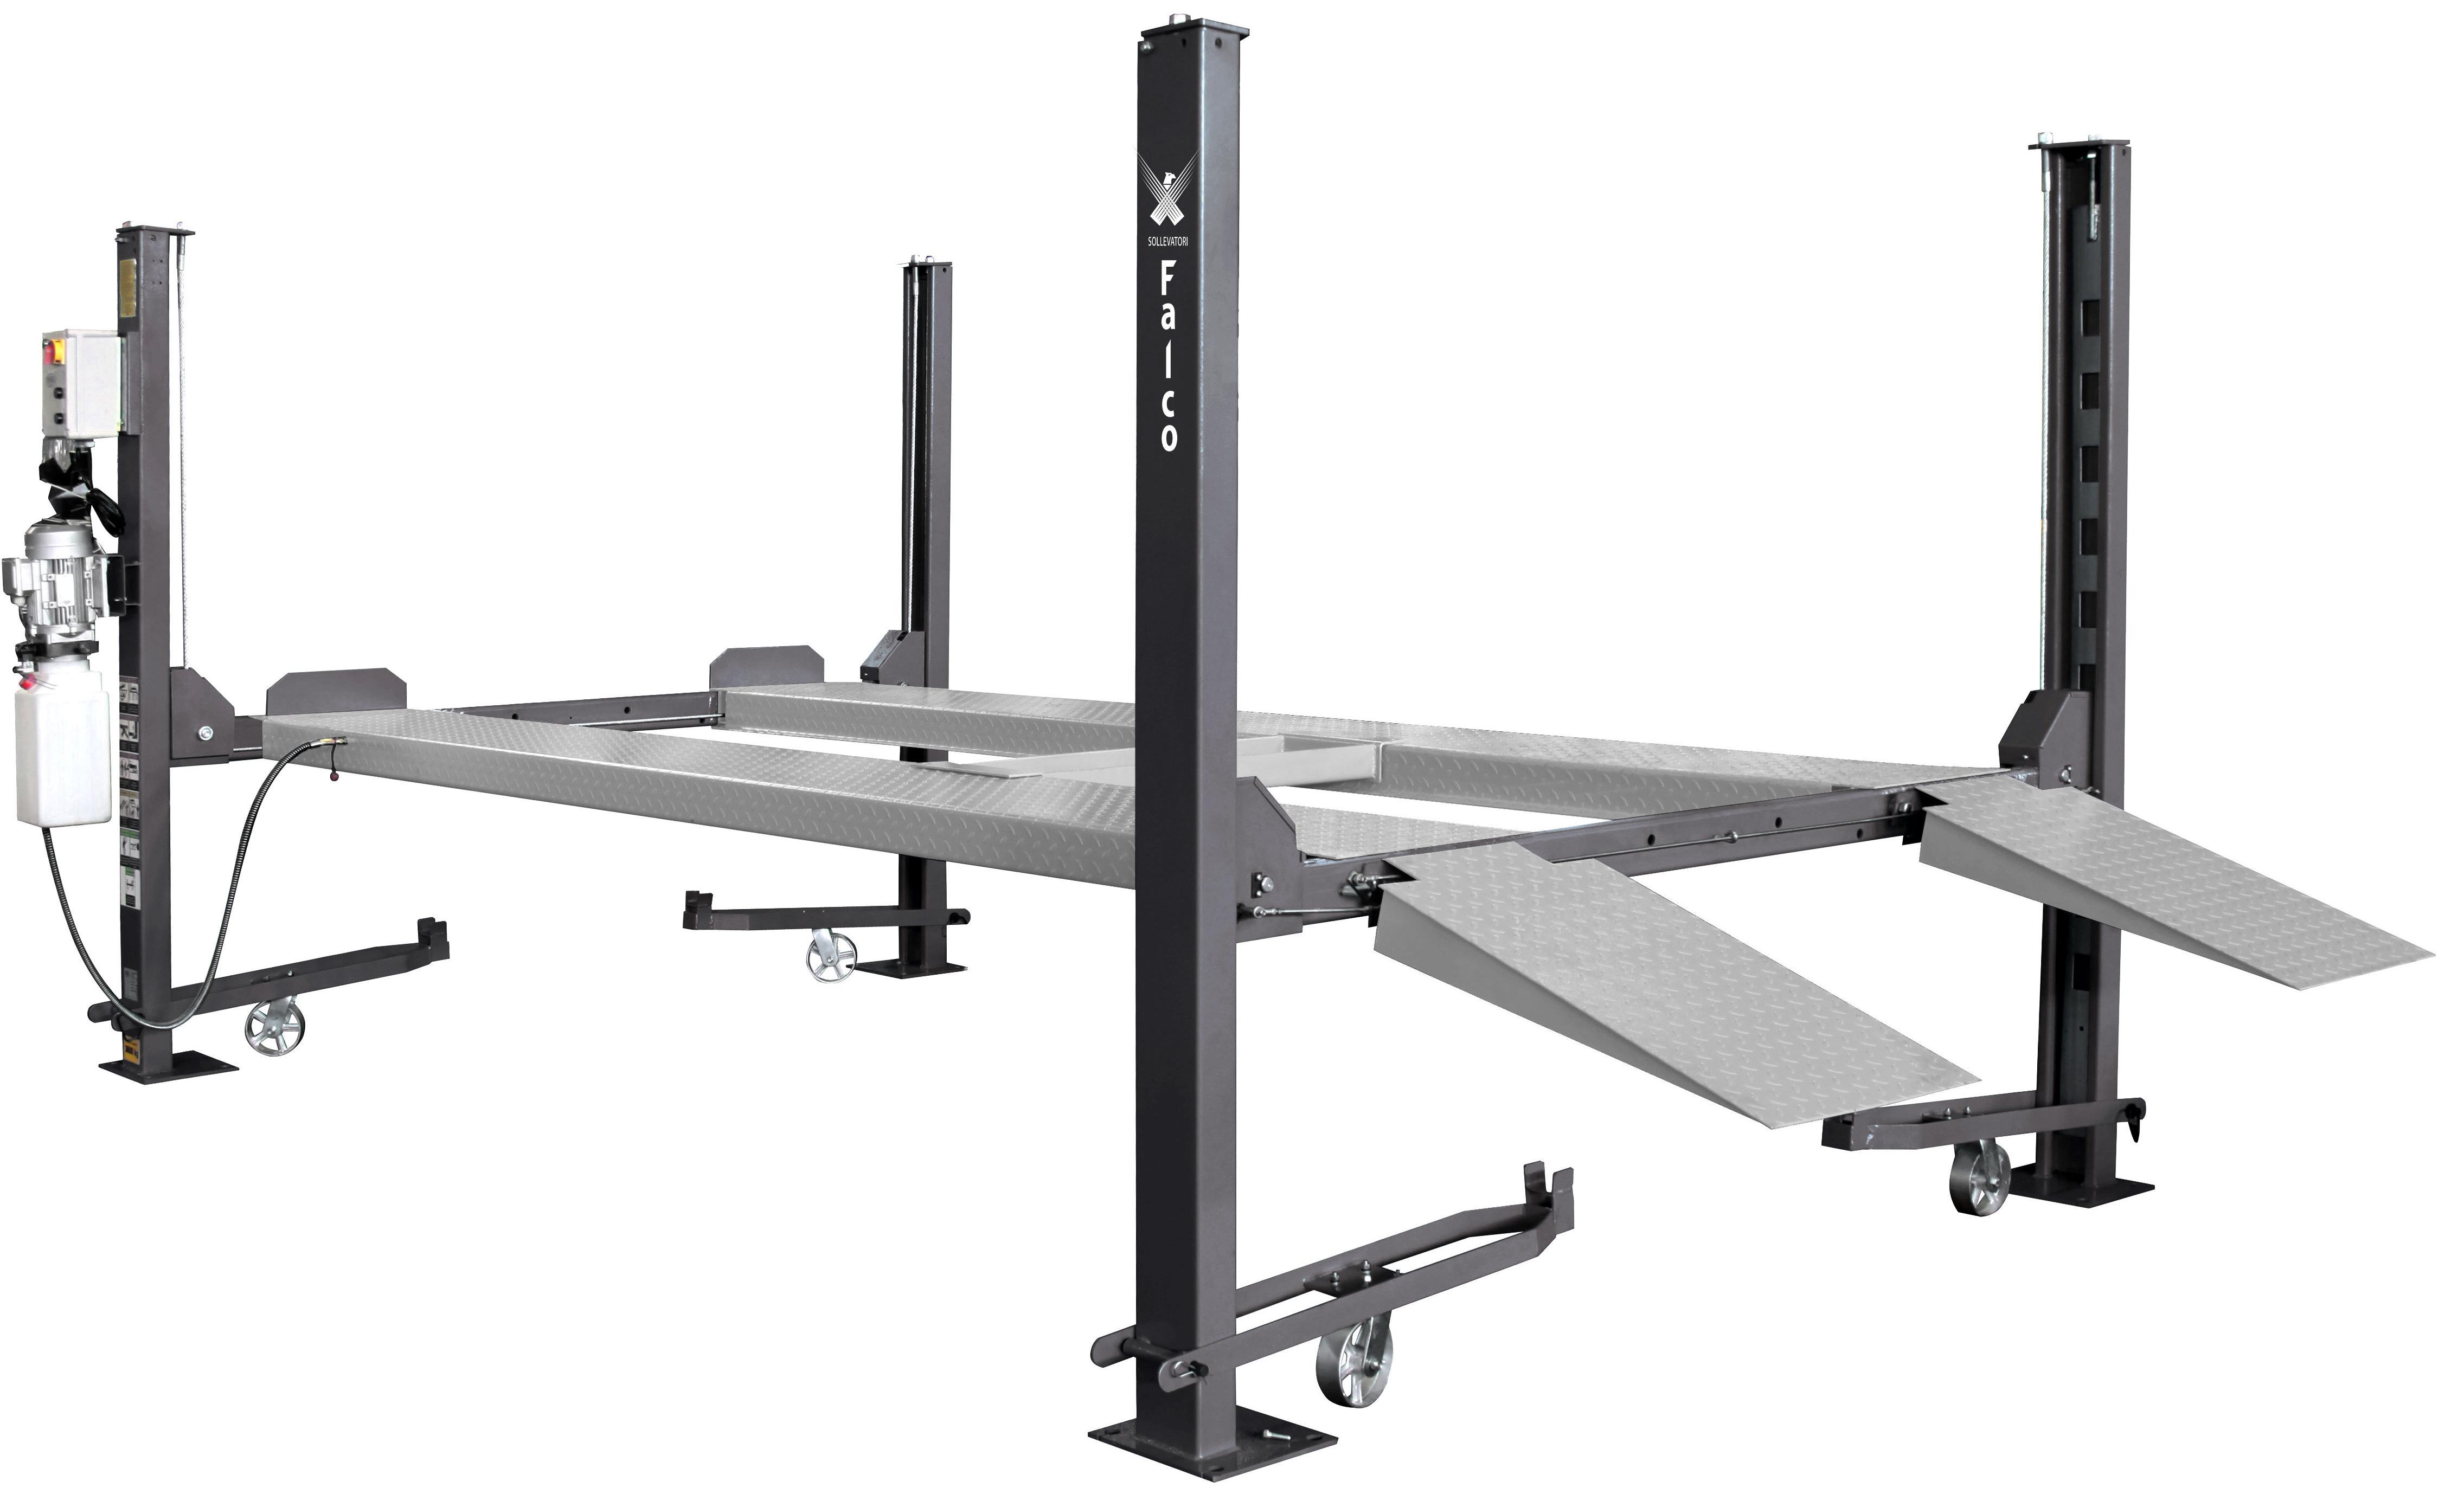 4 s ulen parkhebeb hne 3600 kg modell 2017 fh herren ag. Black Bedroom Furniture Sets. Home Design Ideas